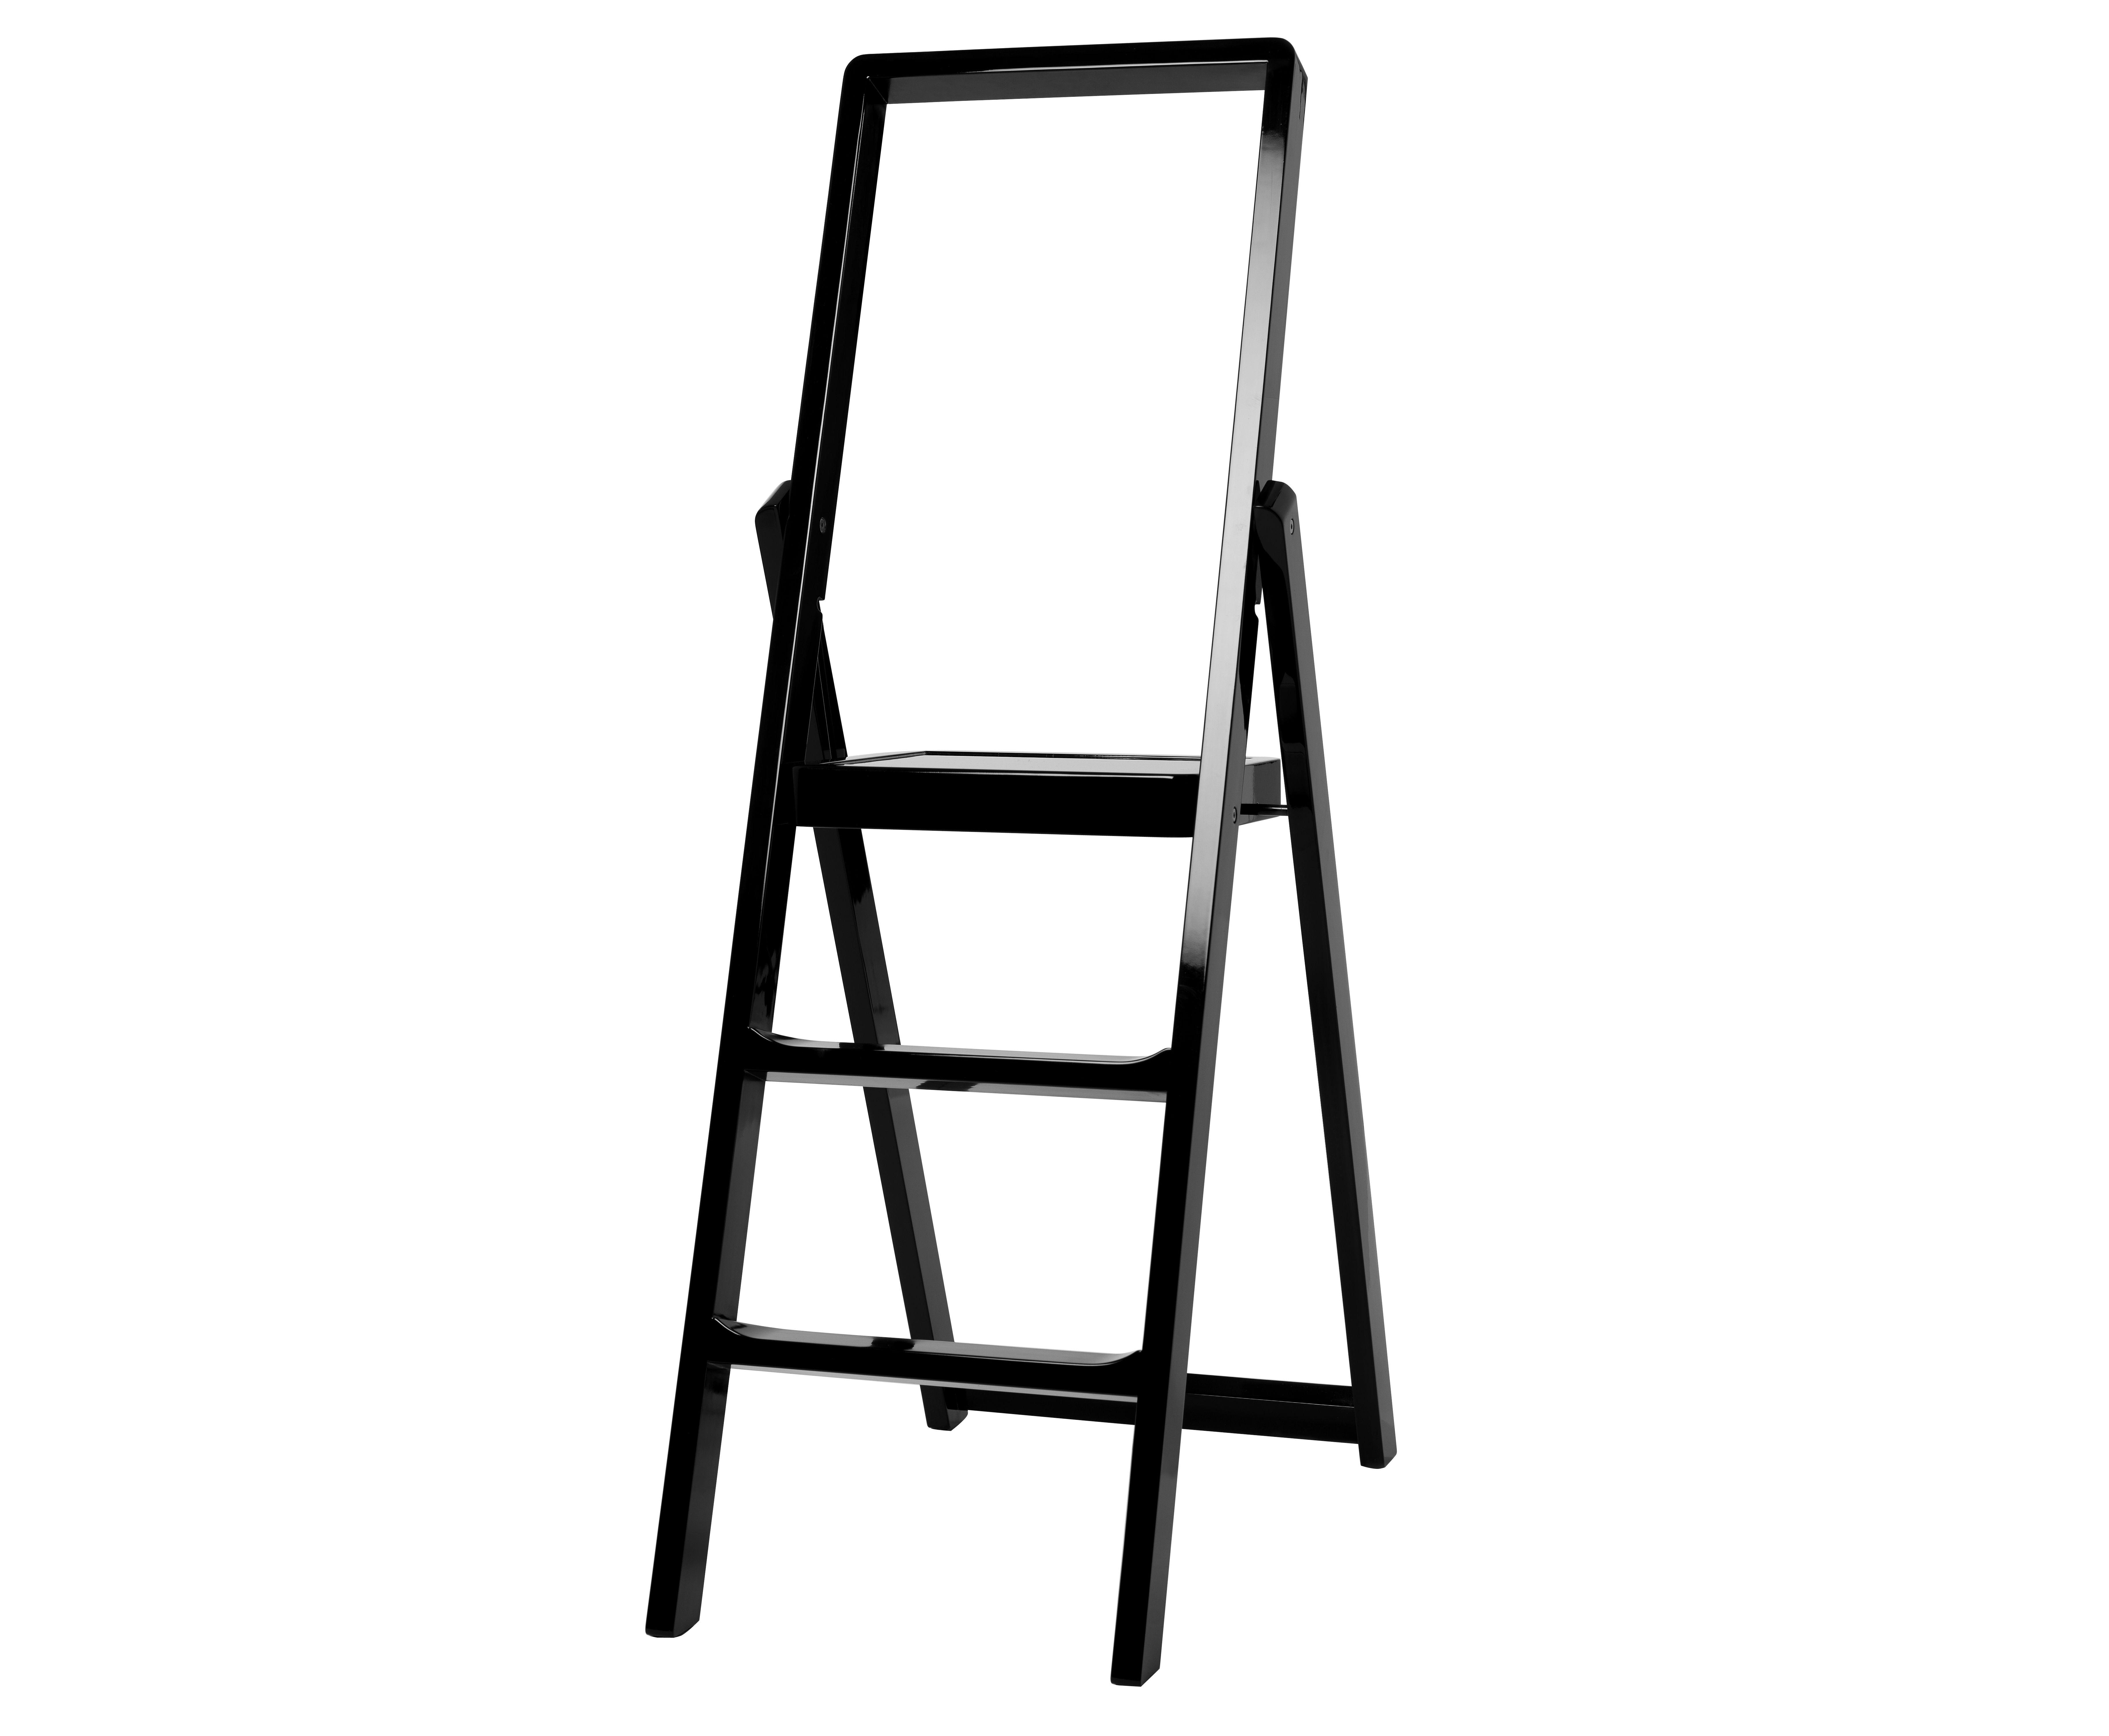 Möbel - Beistell-Möbel - Step Treppenleiter zusammenklappbar - Design House Stockholm - Schwarz - lackiertes Holz